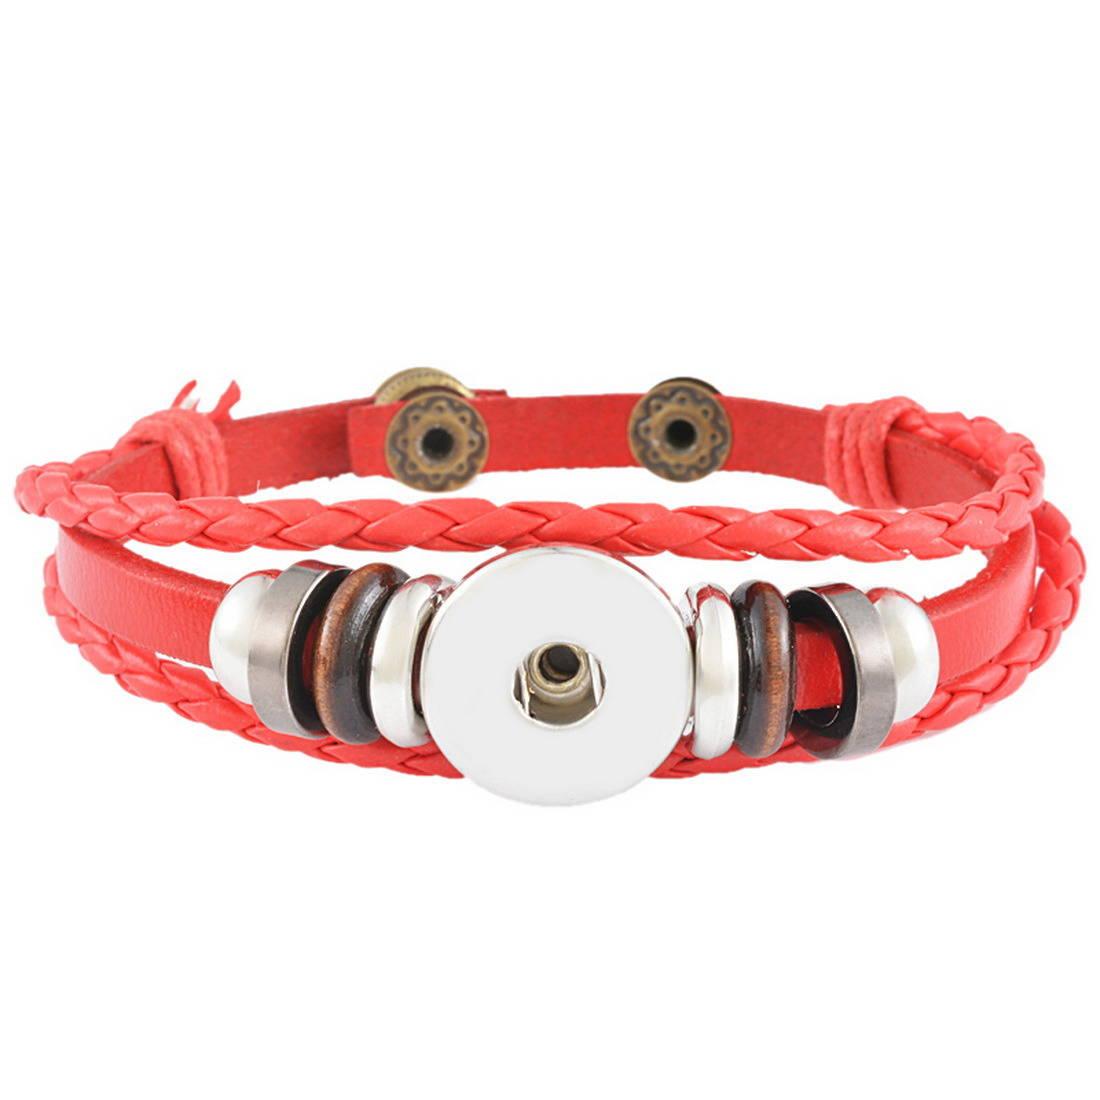 x 1 bracelet Multilayer Cuir PU rouge pour bouton pression réglable métal argenté 23 cm